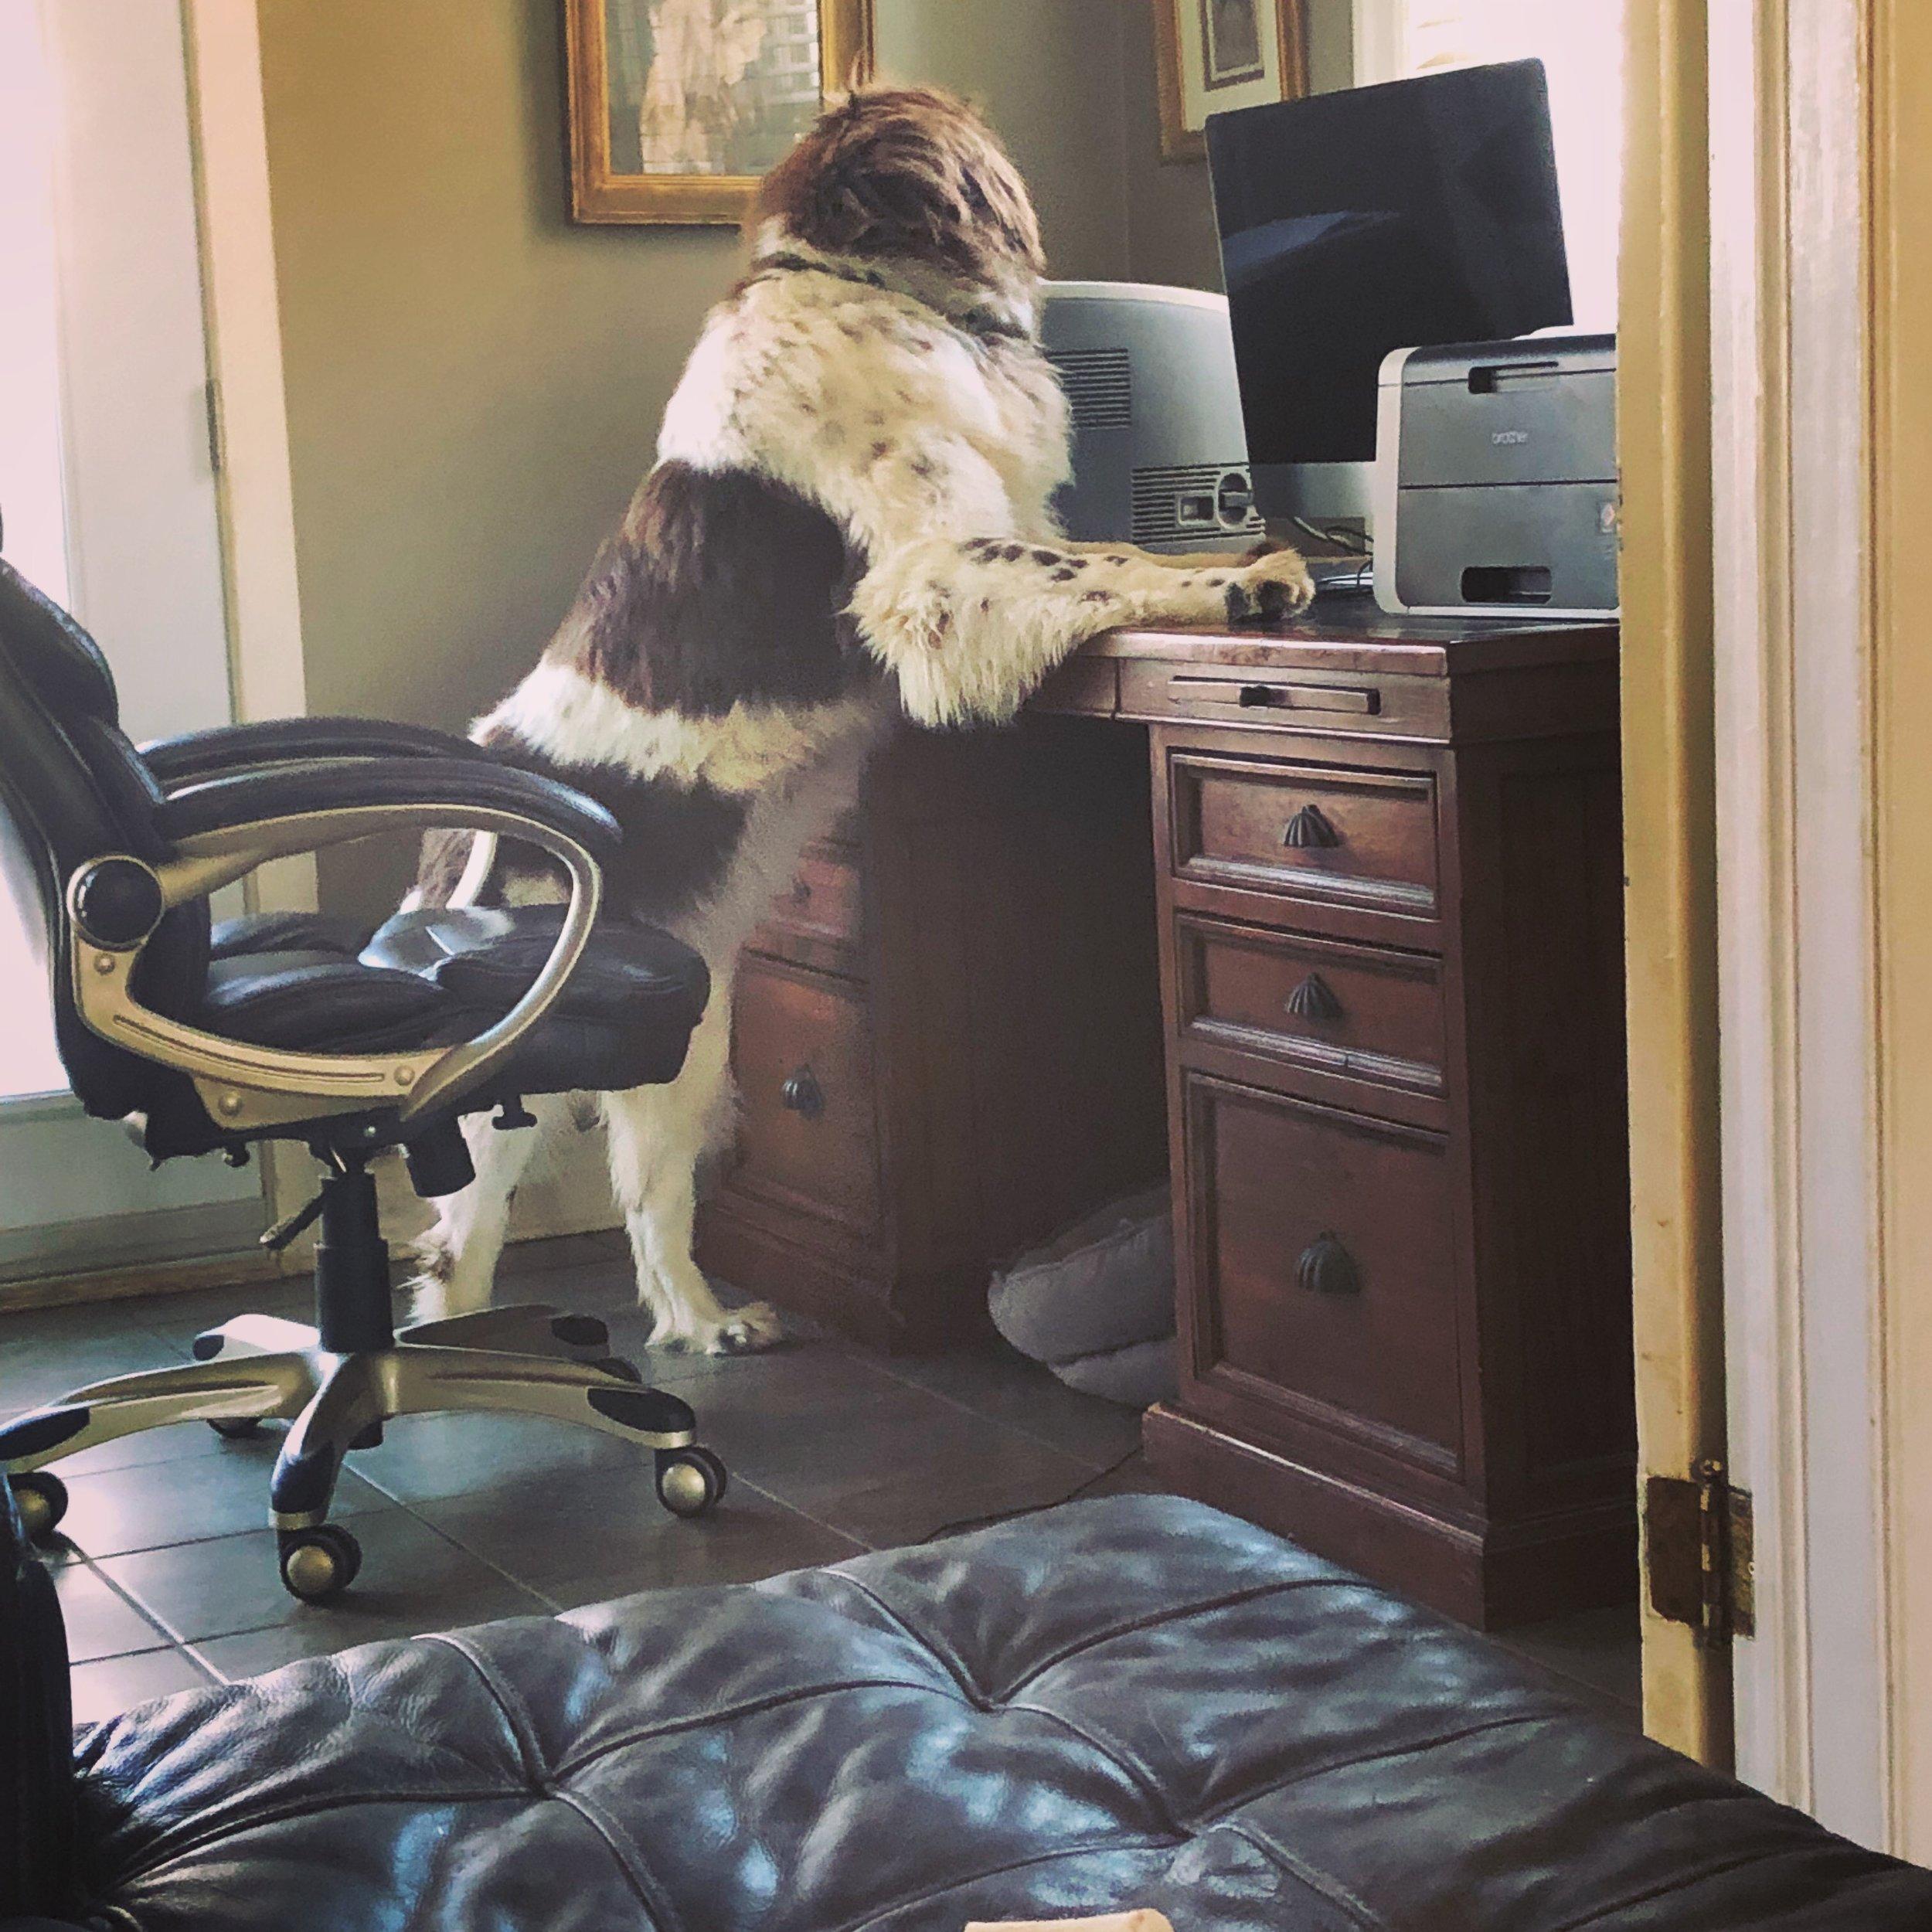 Rosie surfing the internet